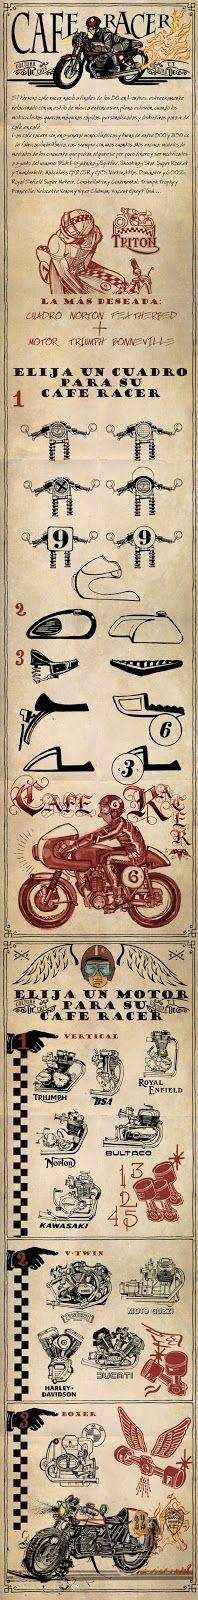 Café Racer Infographic - illustration by Quique Maqueda